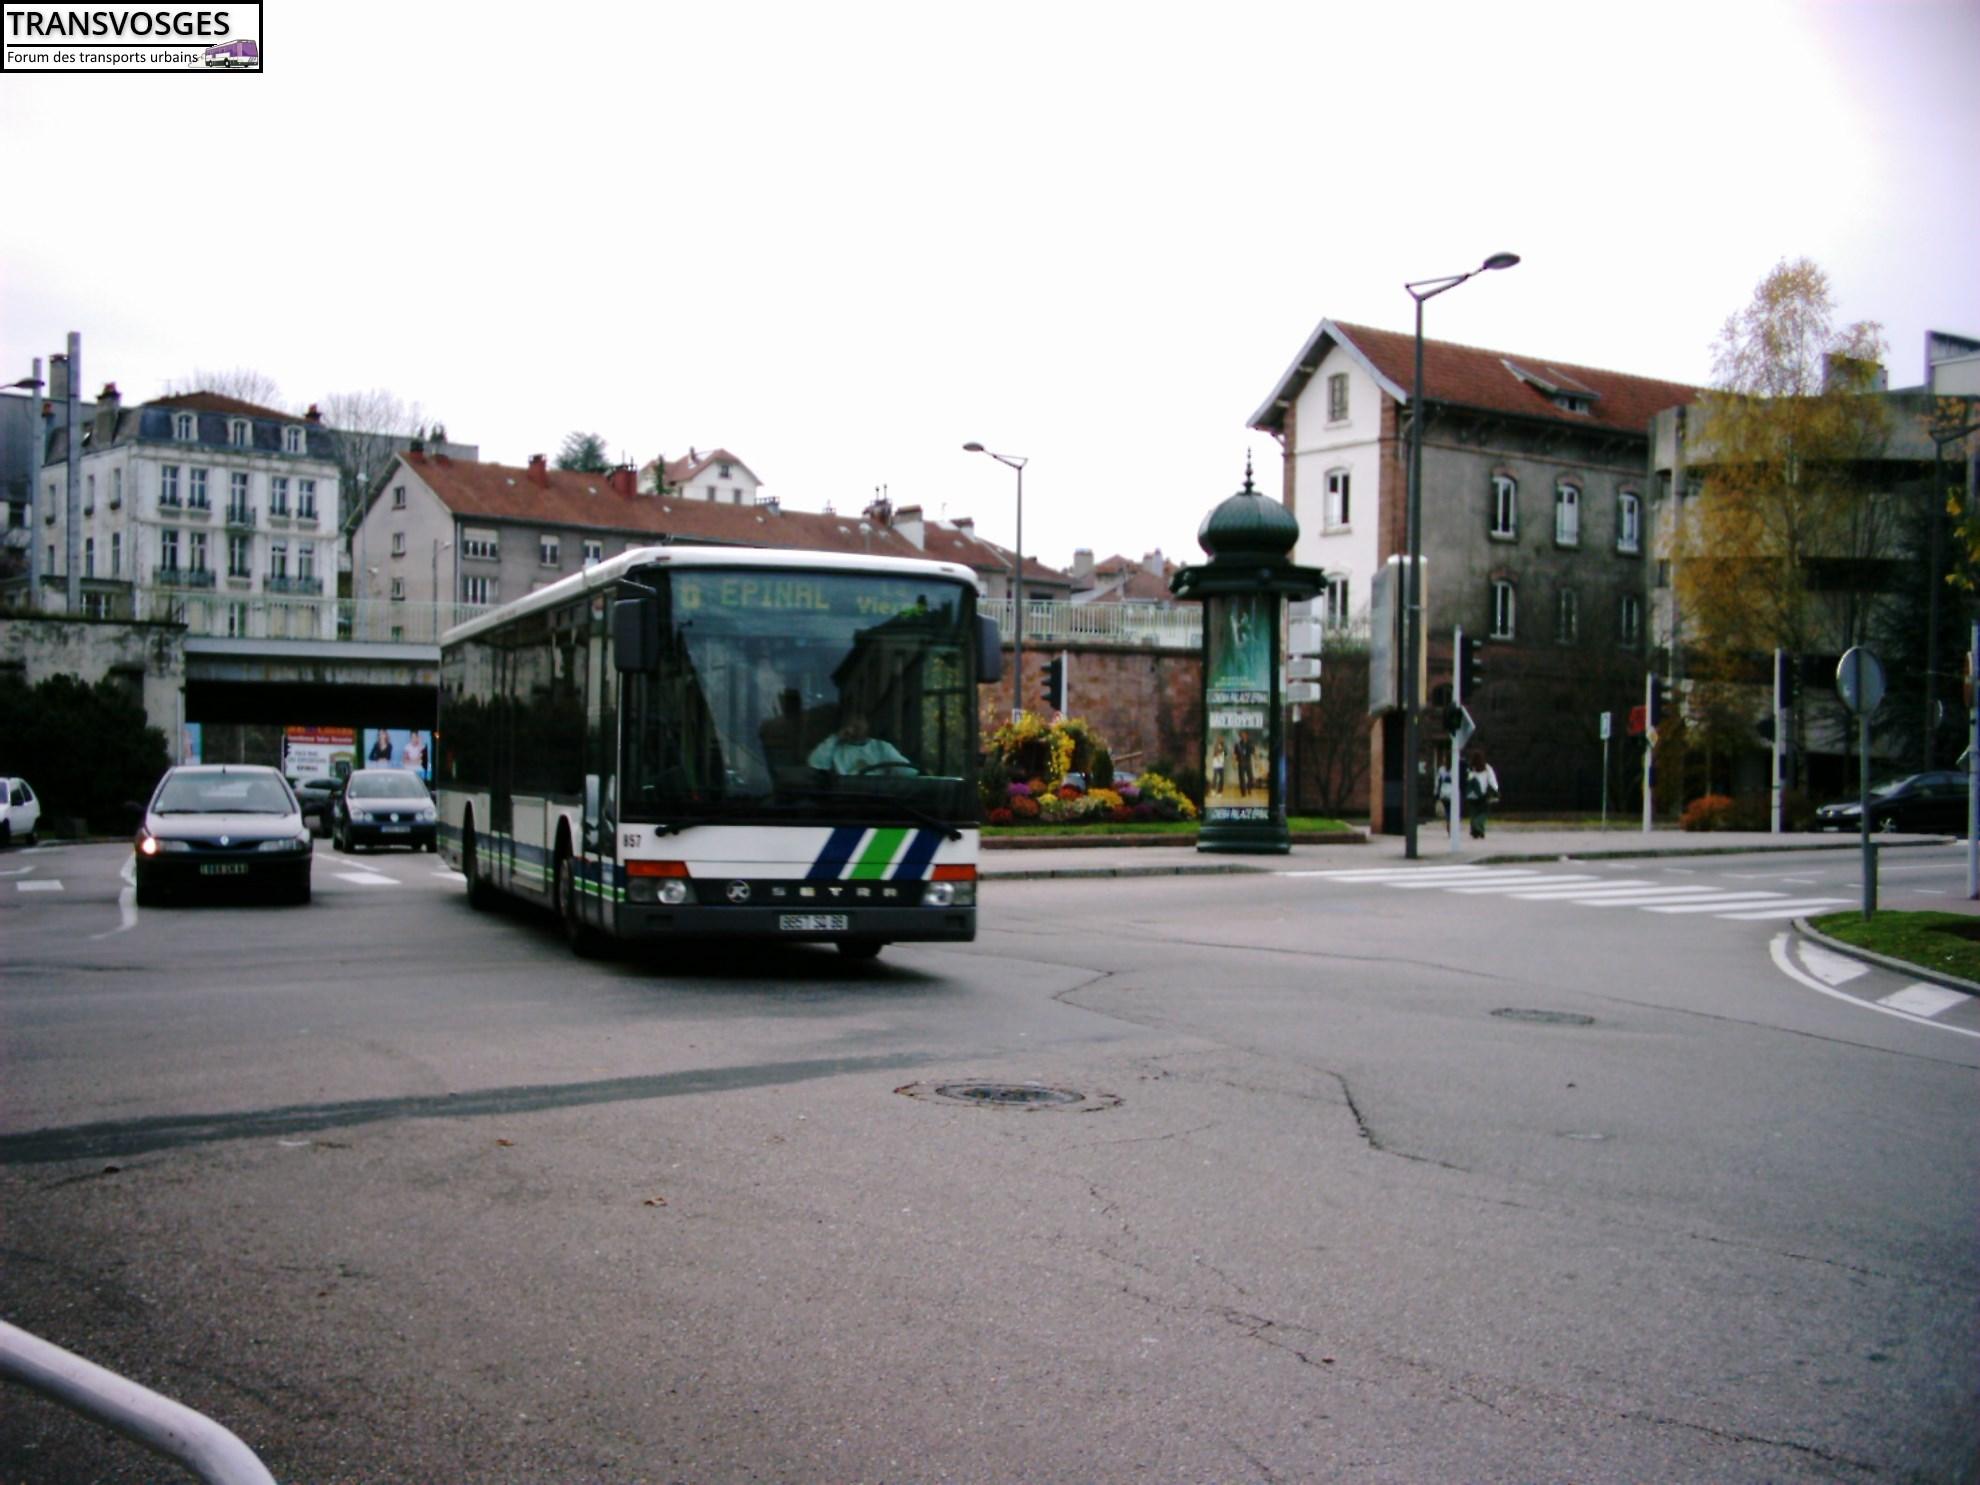 Setra S 315 NF n° 857 4